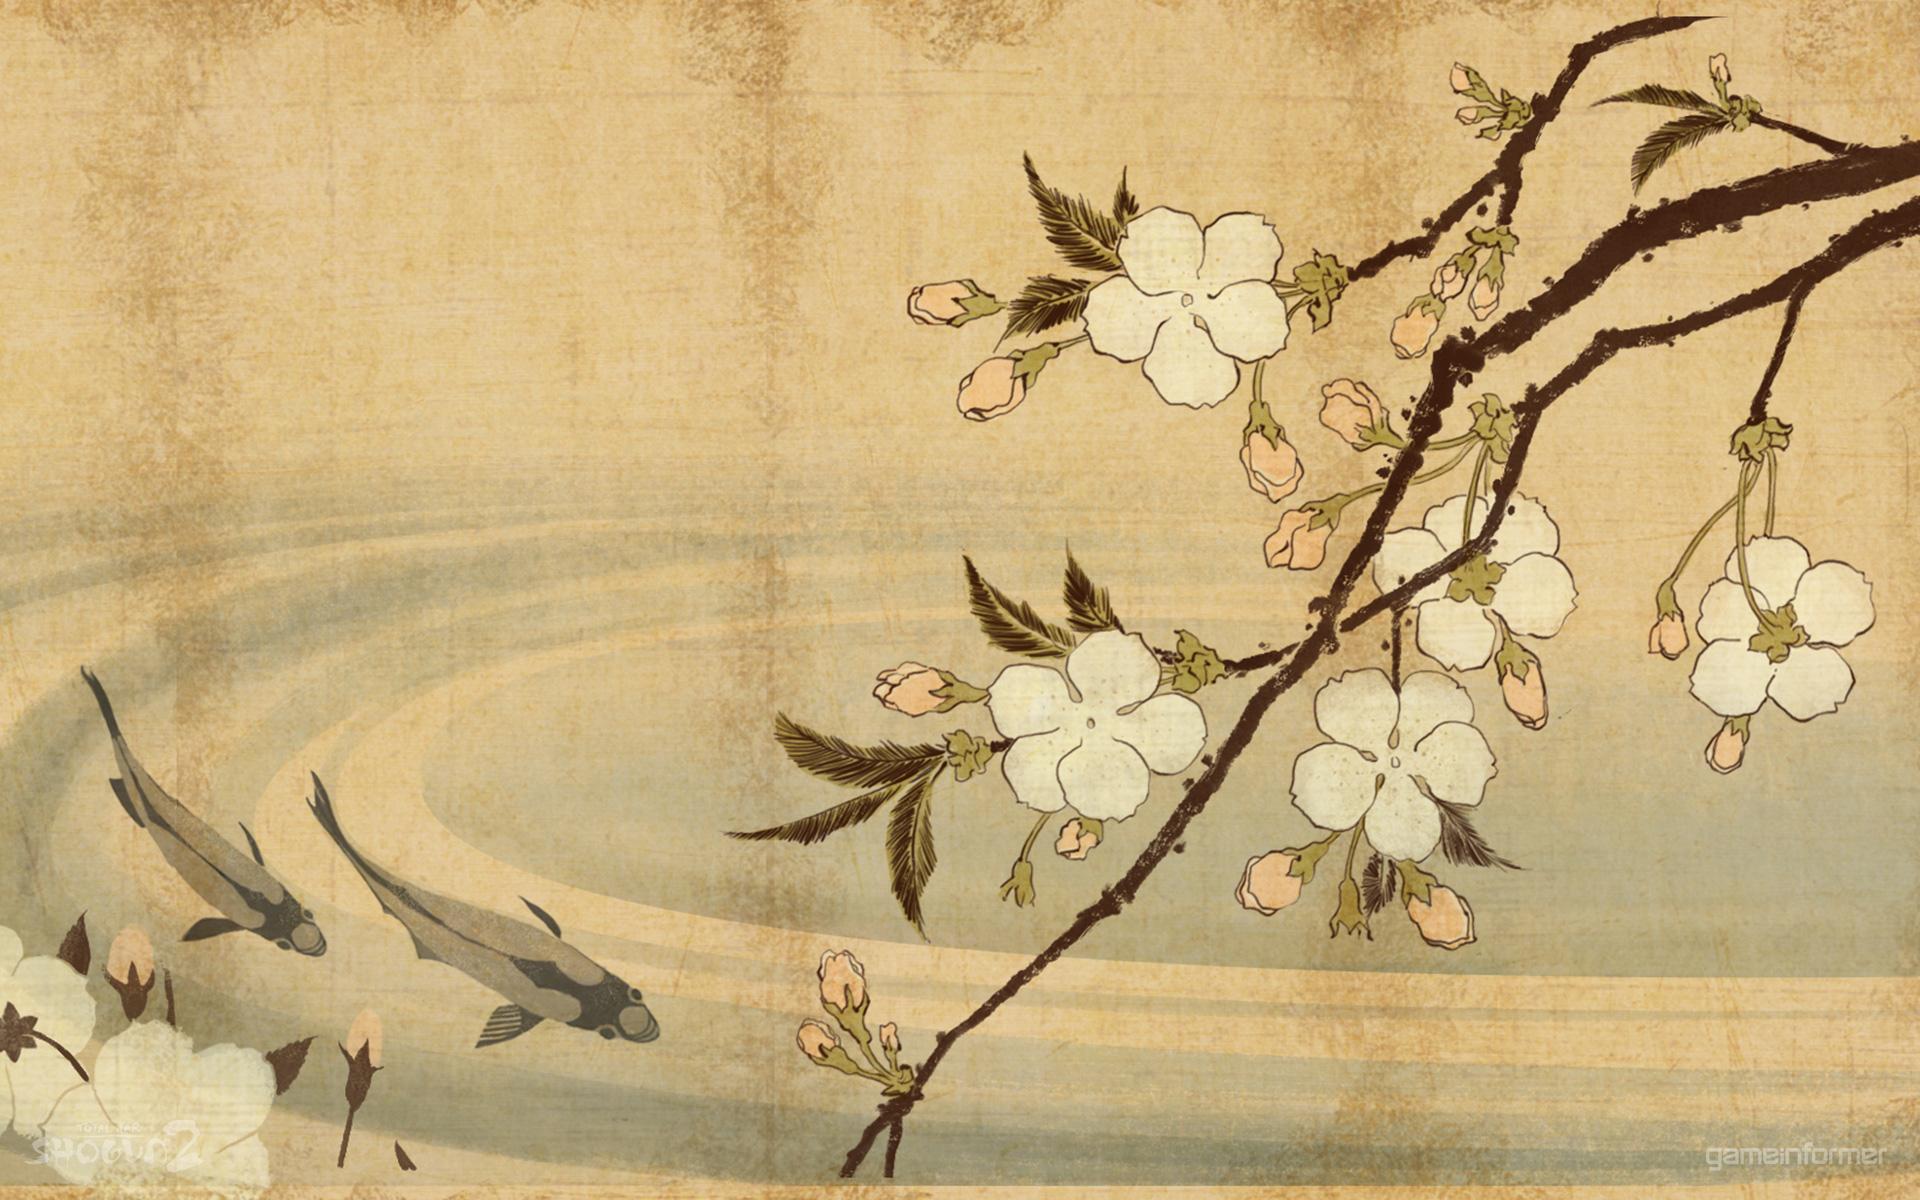 Exclusive Total War Shogun 2 Wallpapers   News   wwwGameInformercom 1920x1200